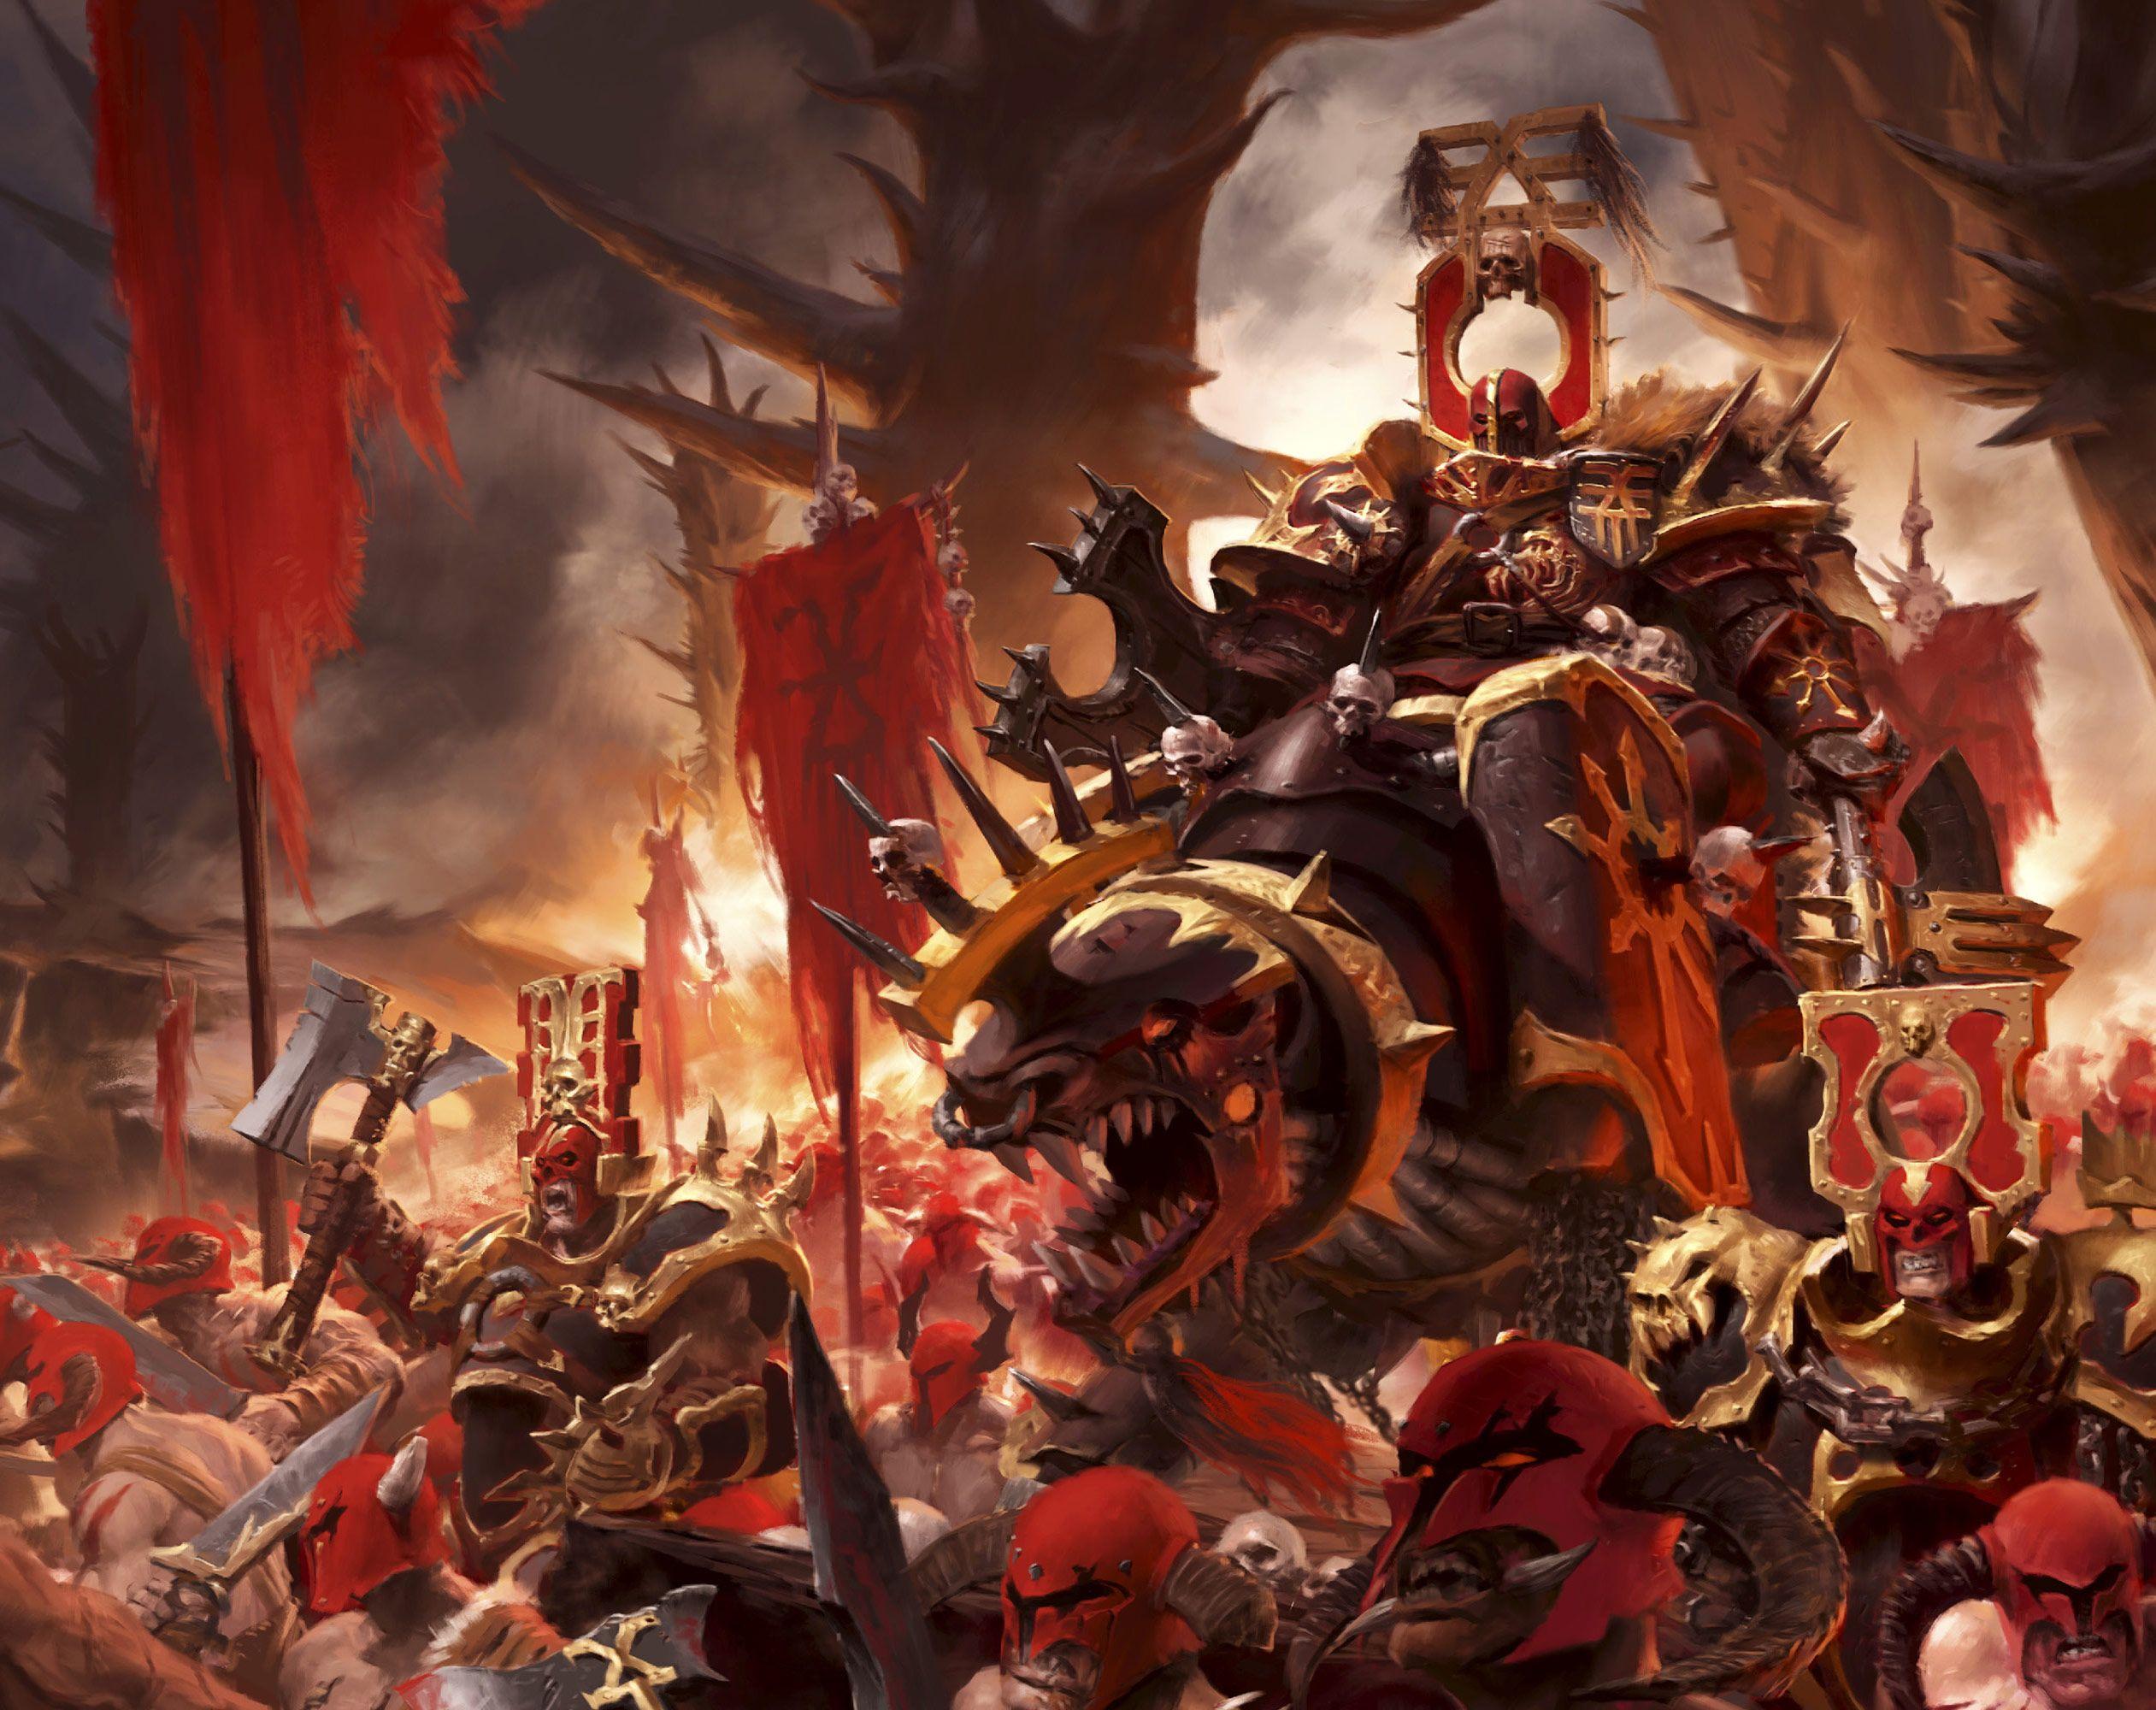 Warhammer 40k Chaos Art | www.pixshark.com - Images ...